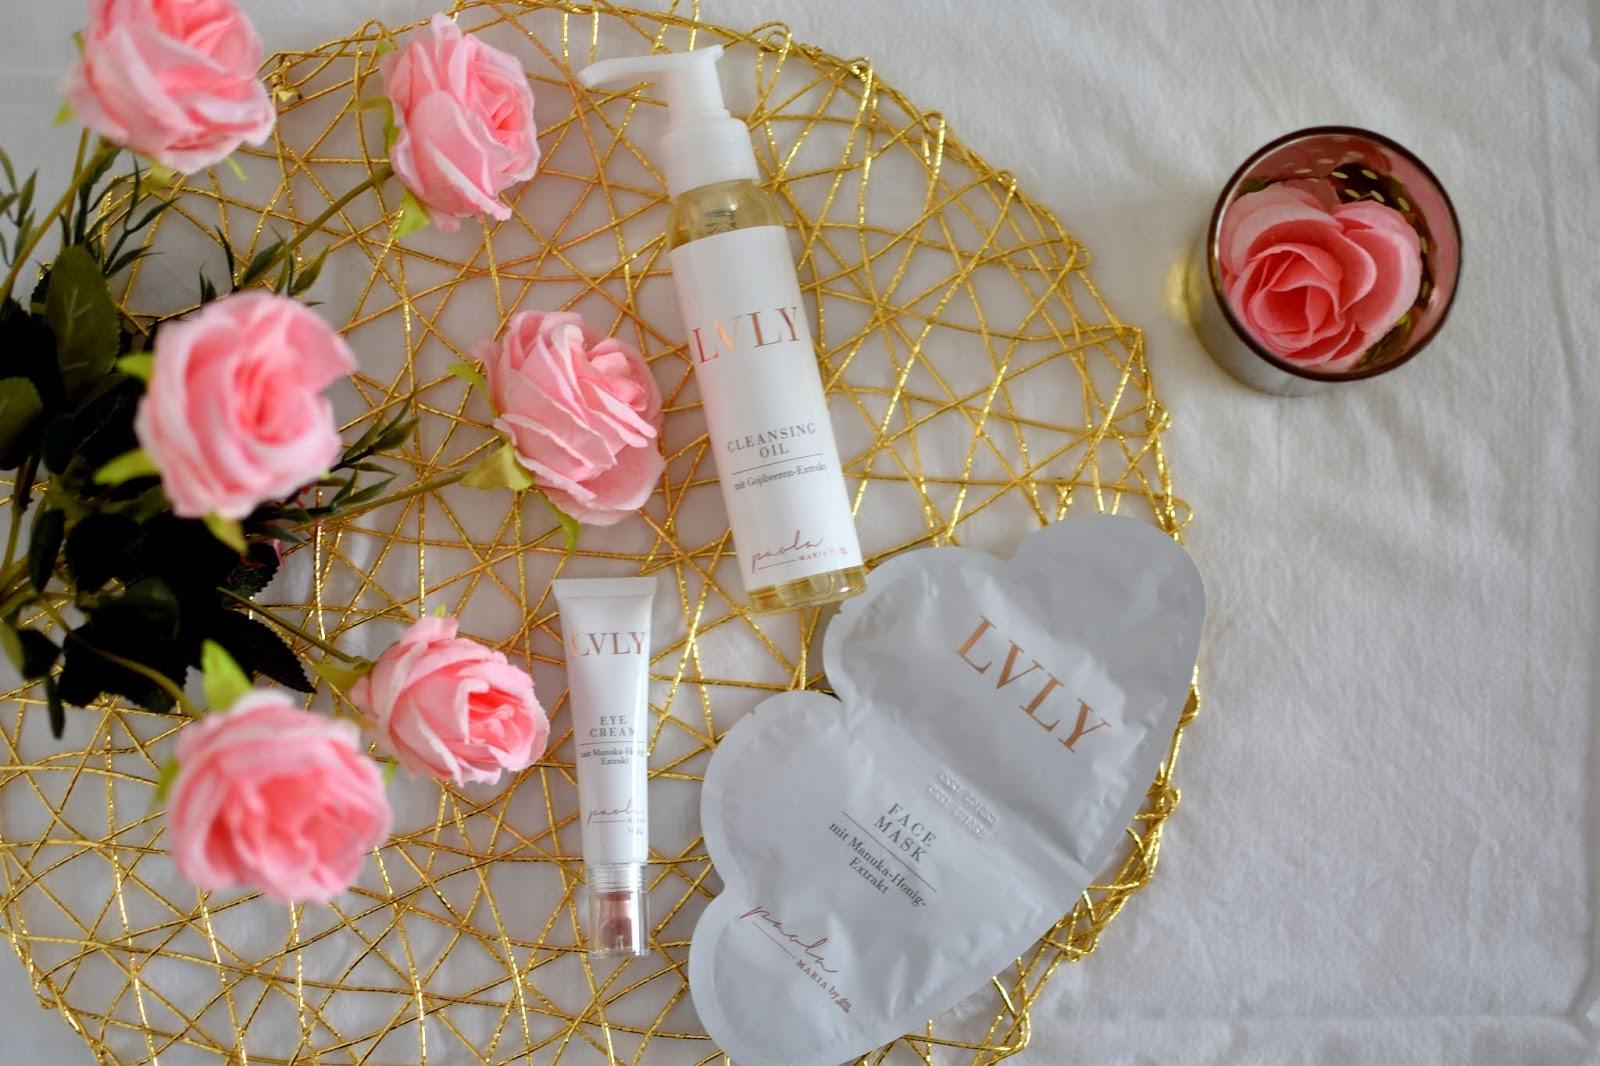 LVLY by Paola Maria // kozmetika nemeckej blogerky exkluzívne v dm